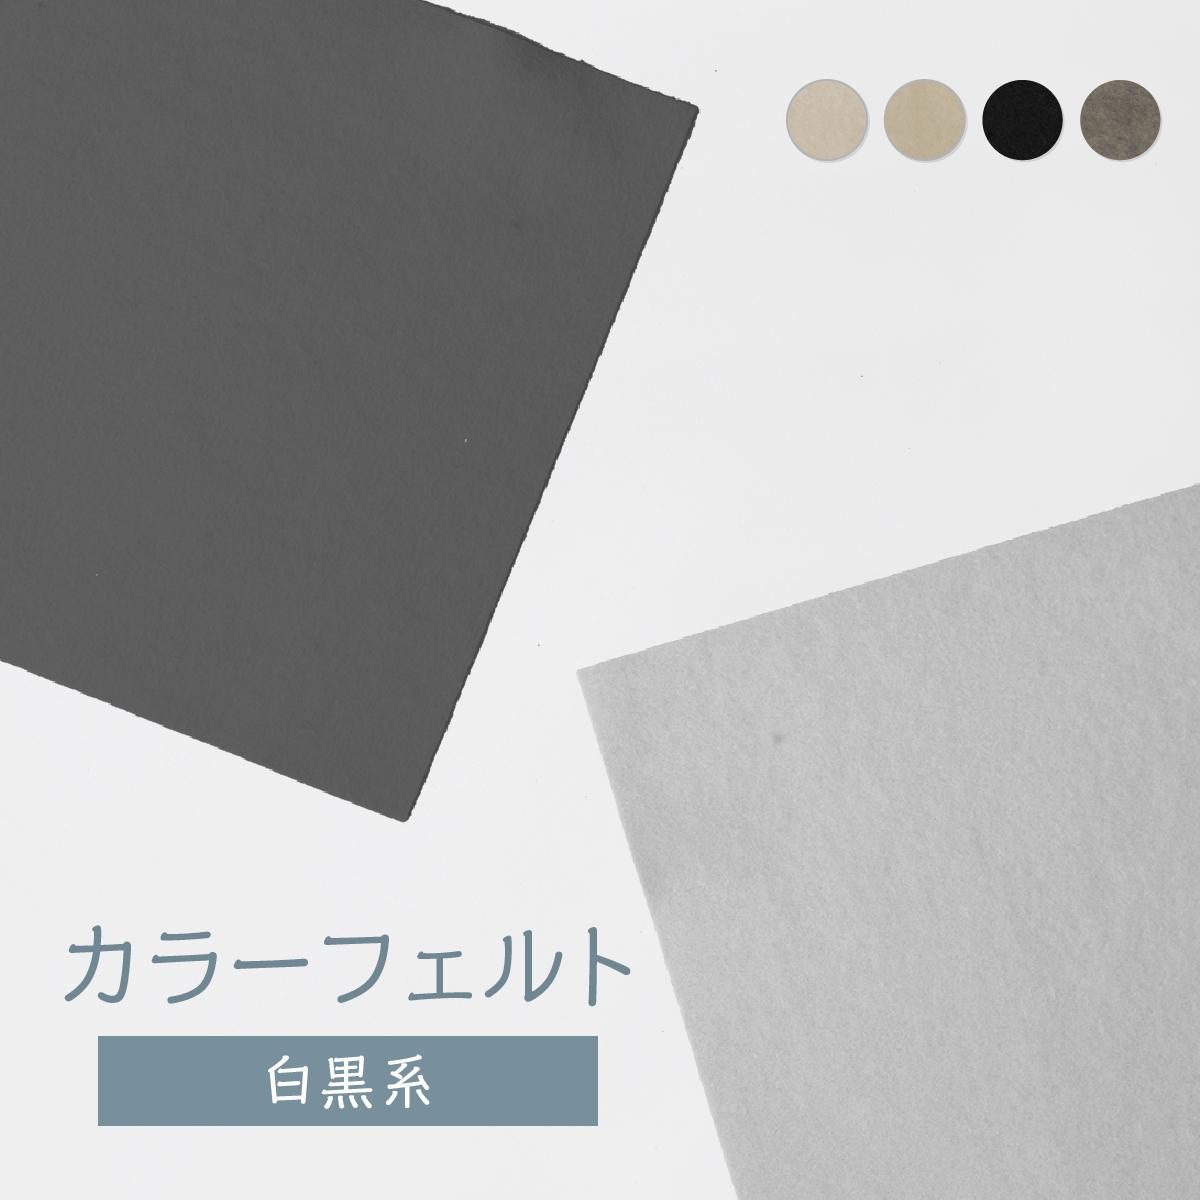 人にやさしい天然せんい使用 ノックス カラーフェルト生地 白黒グレー 日本製